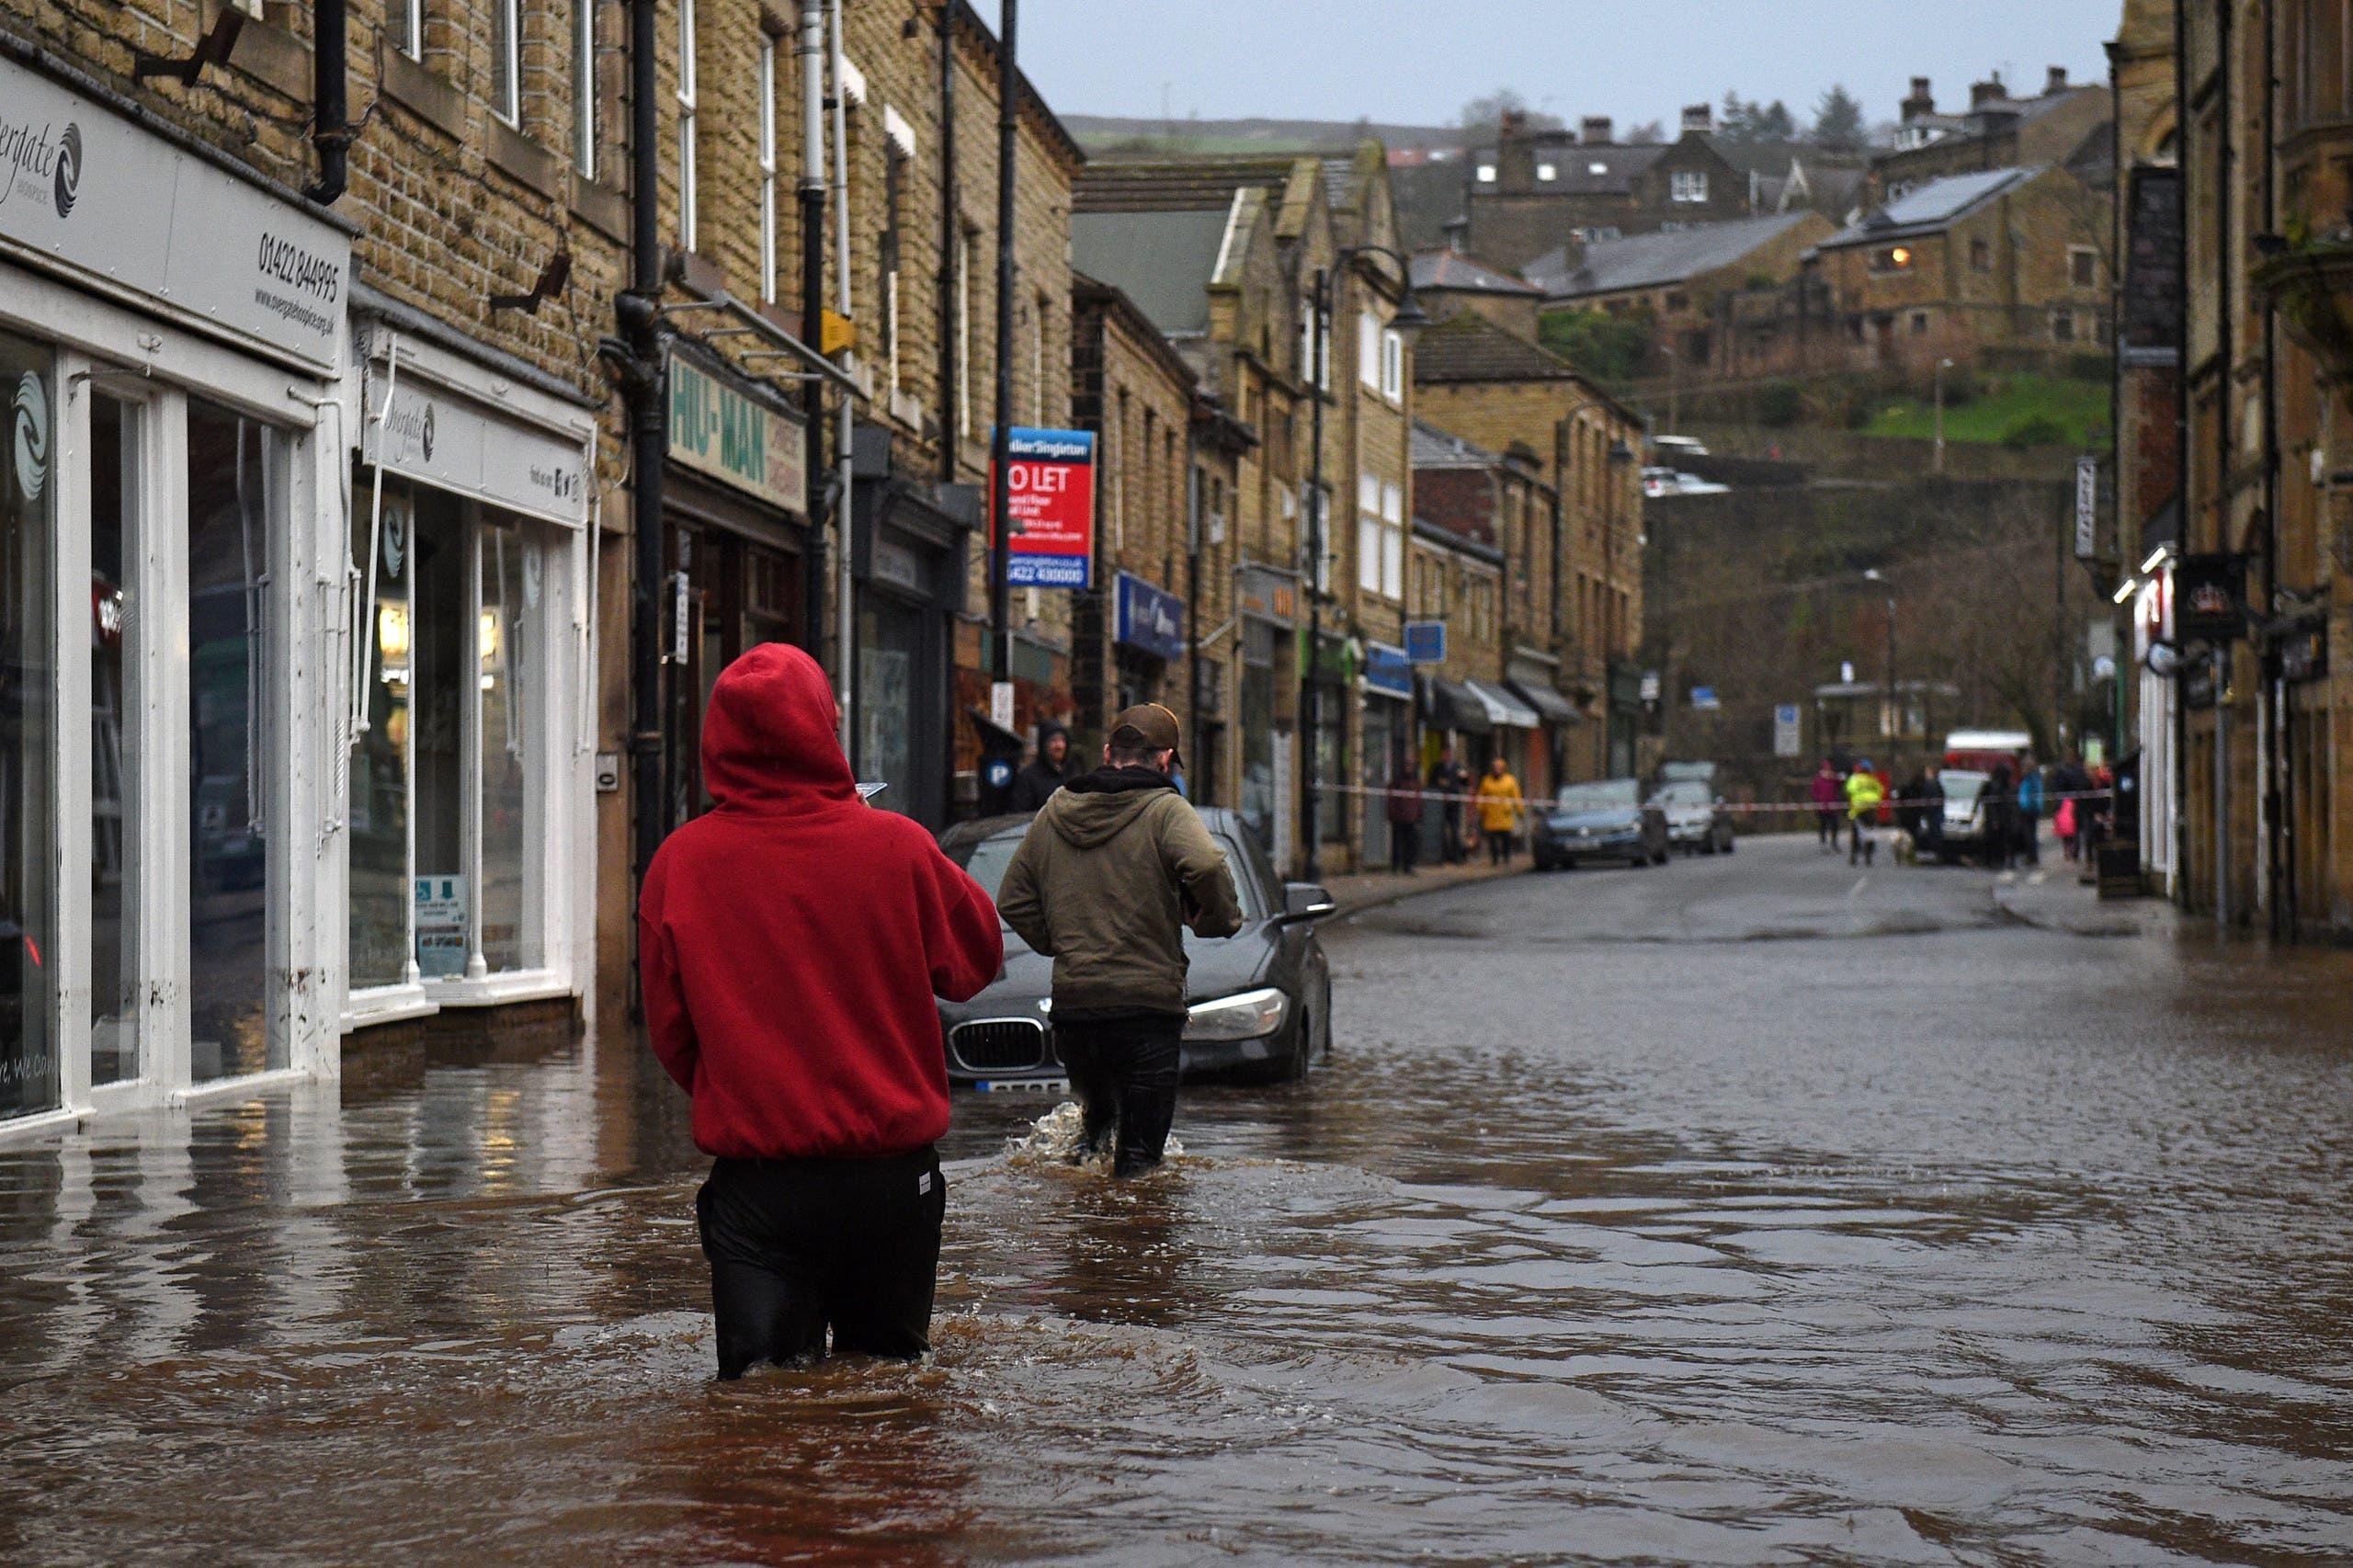 ما سببته التقلبات الجوية في بريطانيا